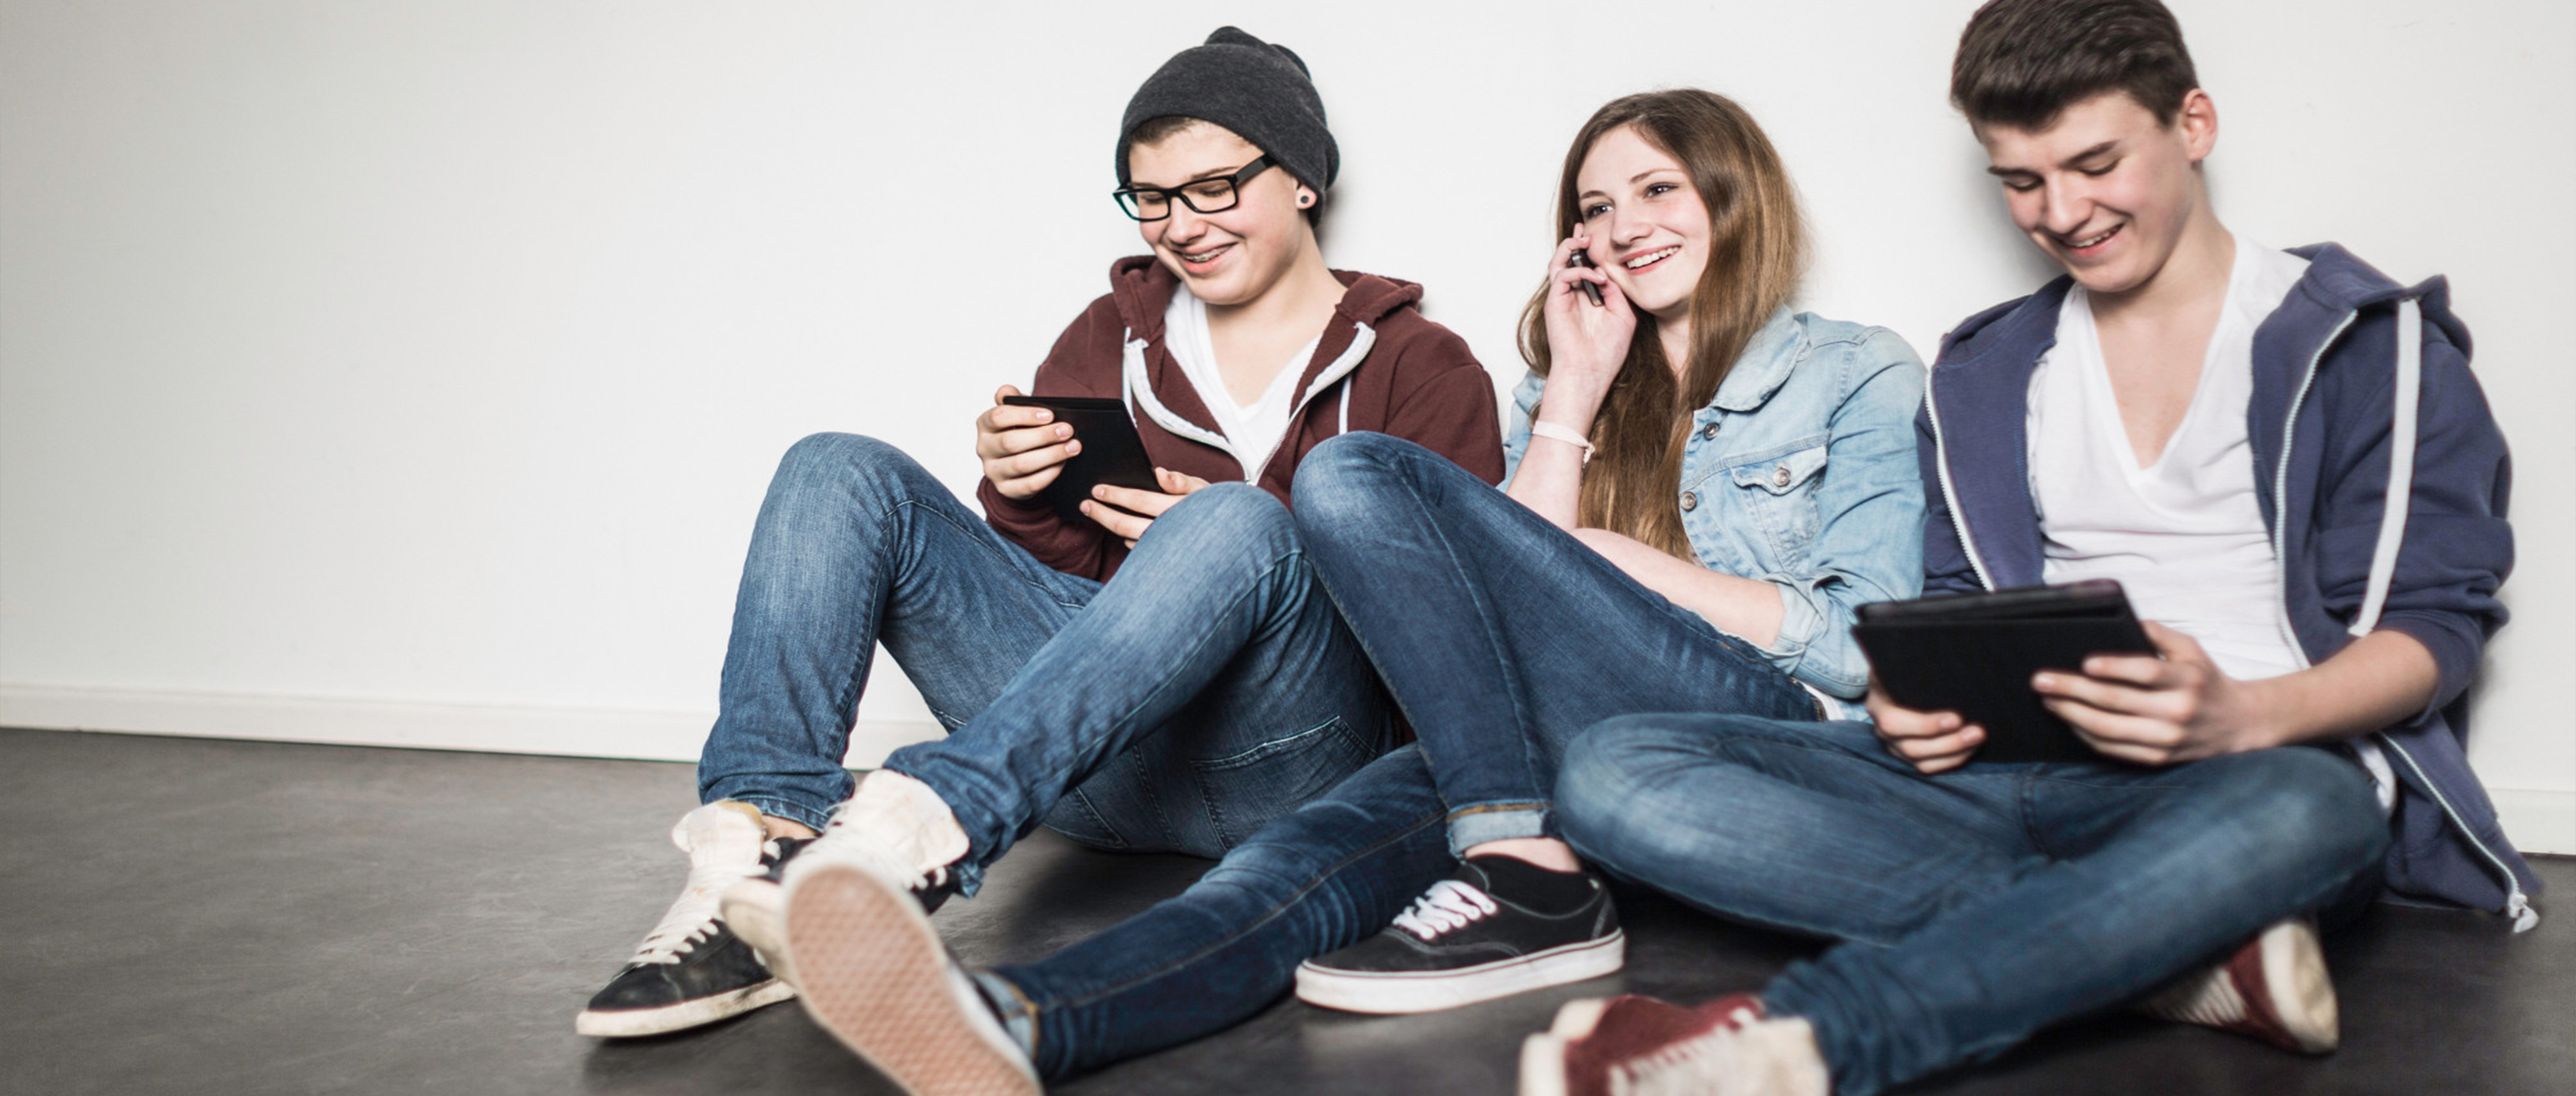 لماذا امتد سن المراهقة ليشمل 24 سنة؟